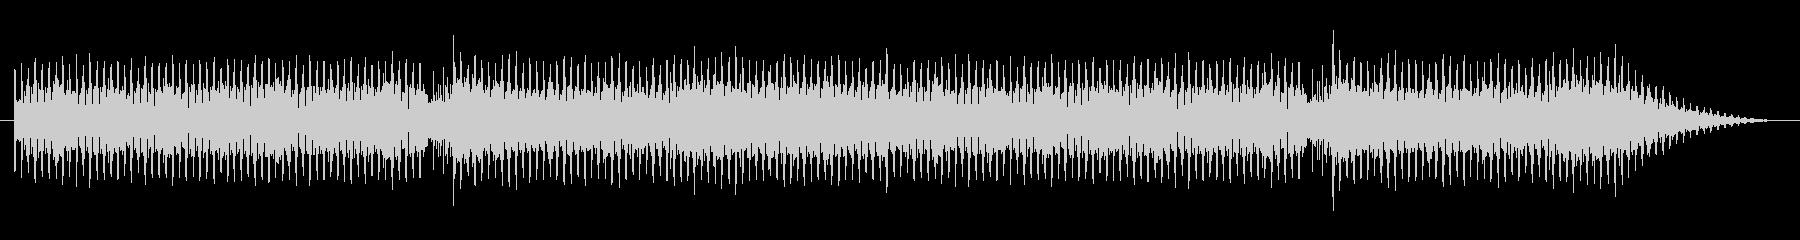 ショートBGM:トランス・メカニカルの未再生の波形